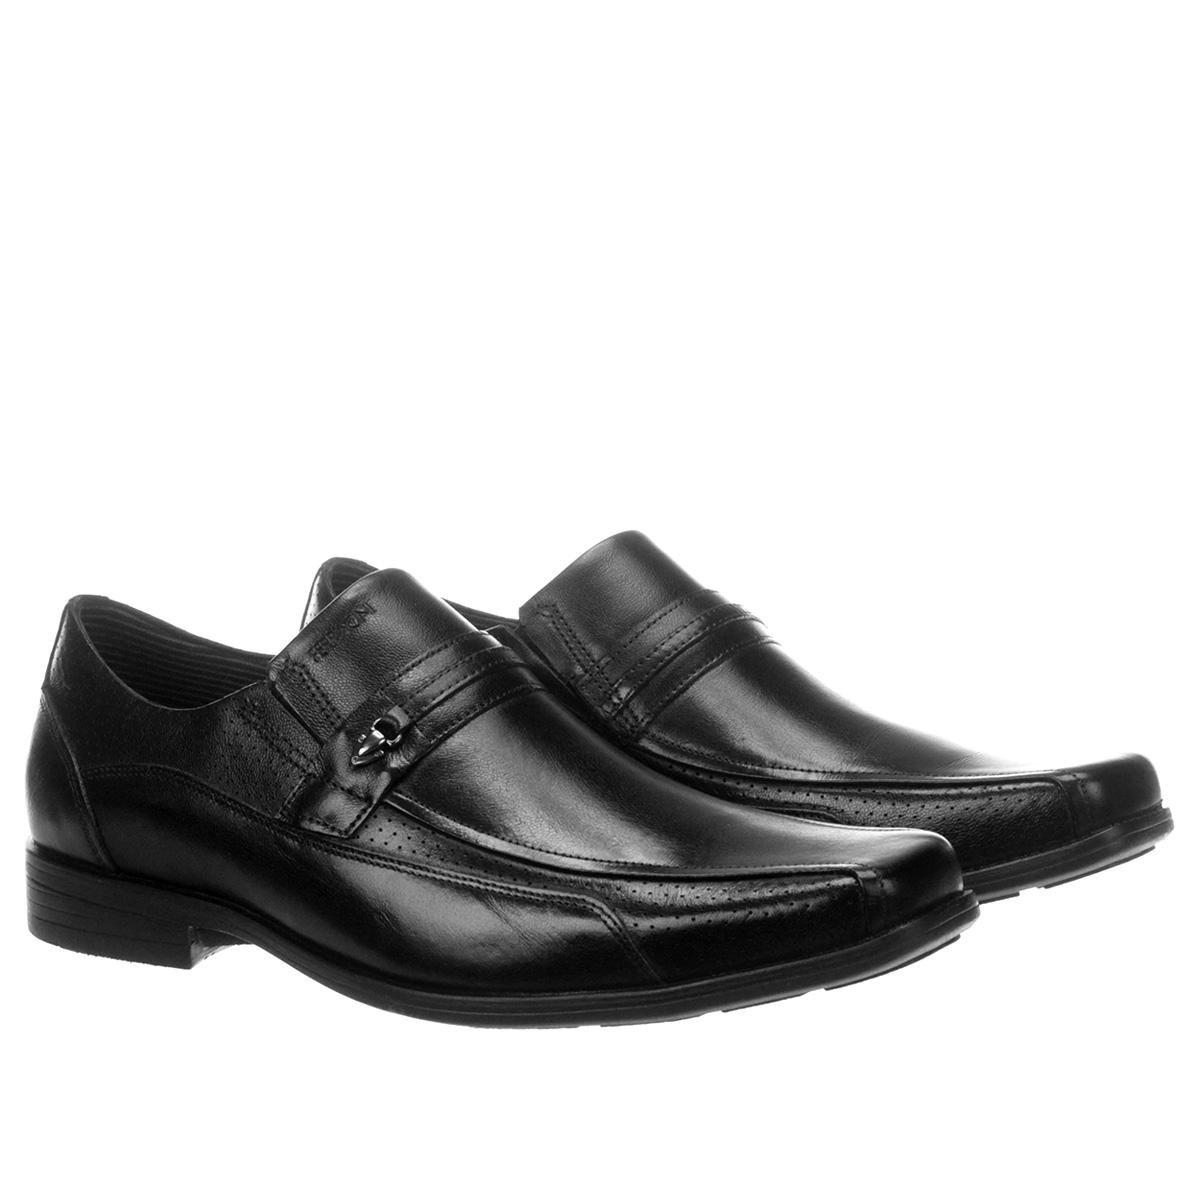 4a6d5db02 Sapato Social Ferracini M3 | Zattini